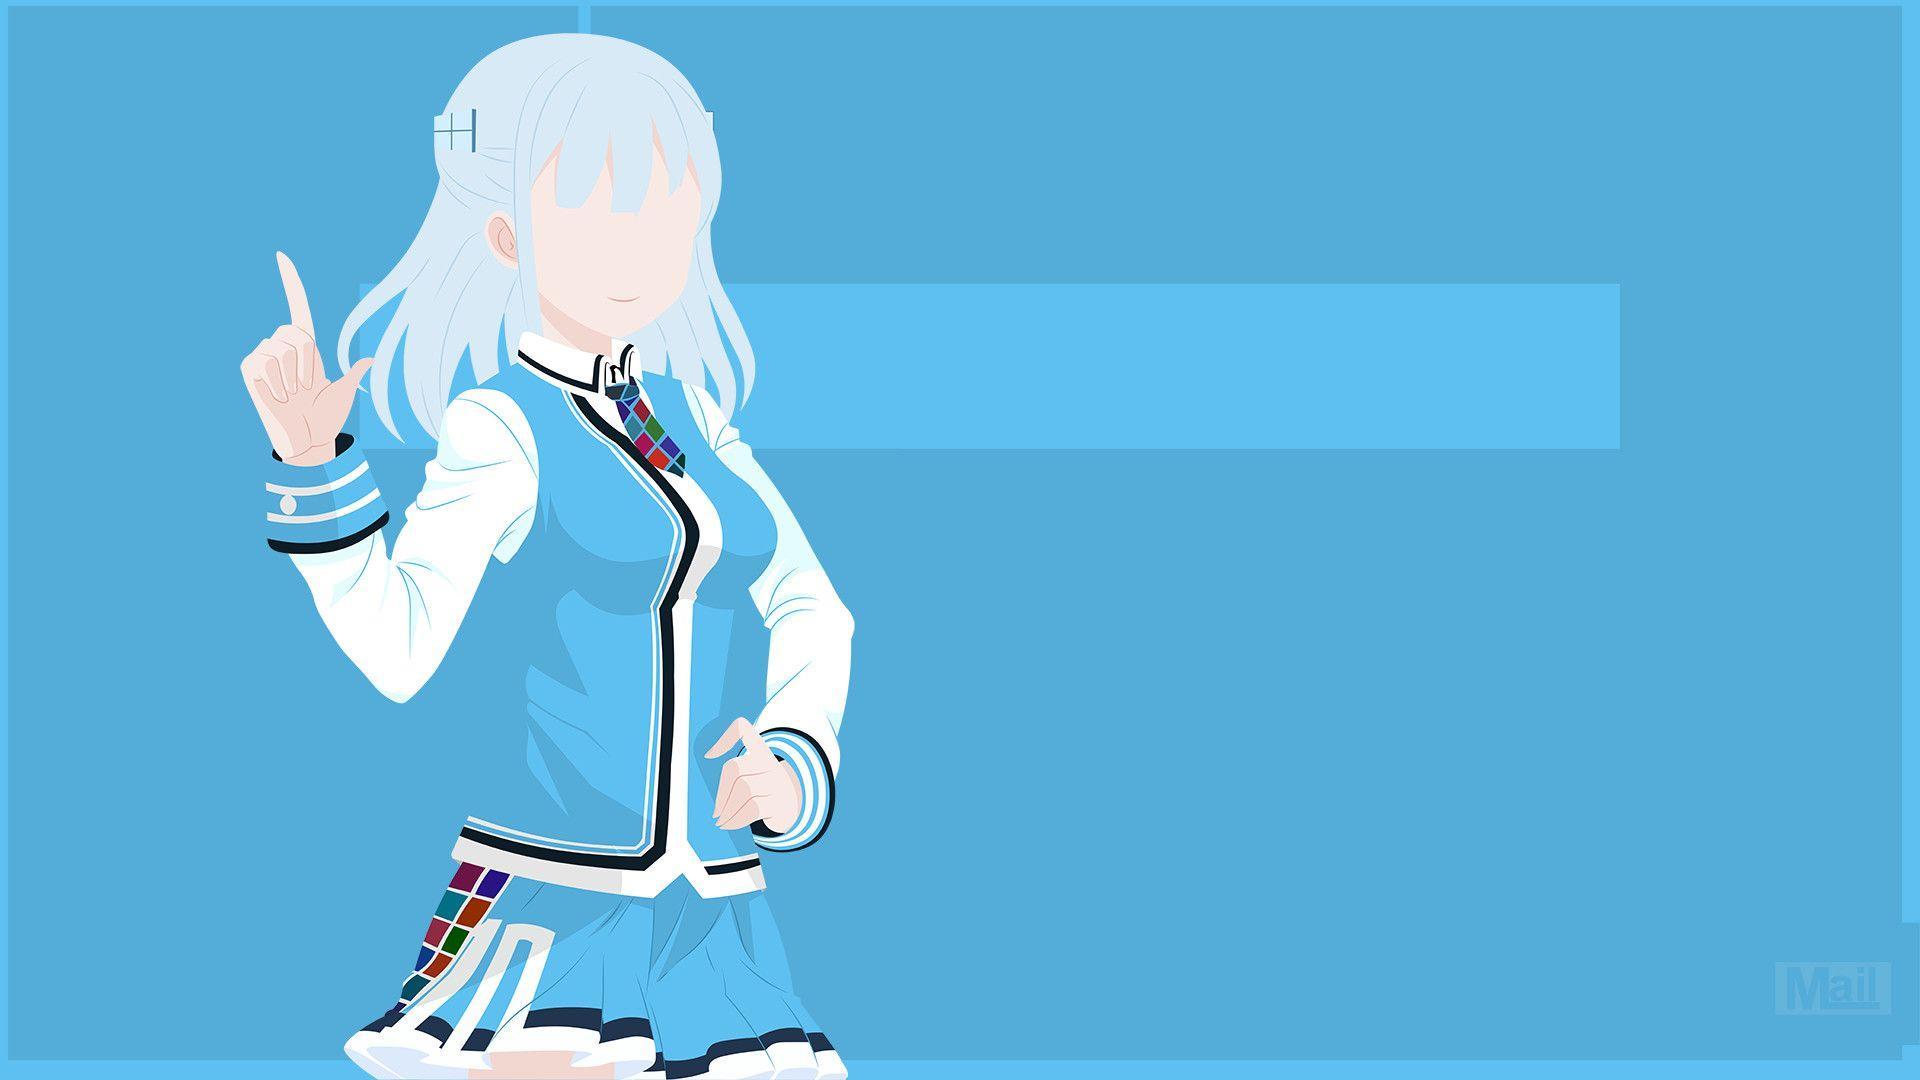 1920x1080 Xu hướng cho thẩm mỹ Hình nền mát mẻ Pastel Anime Kawaii